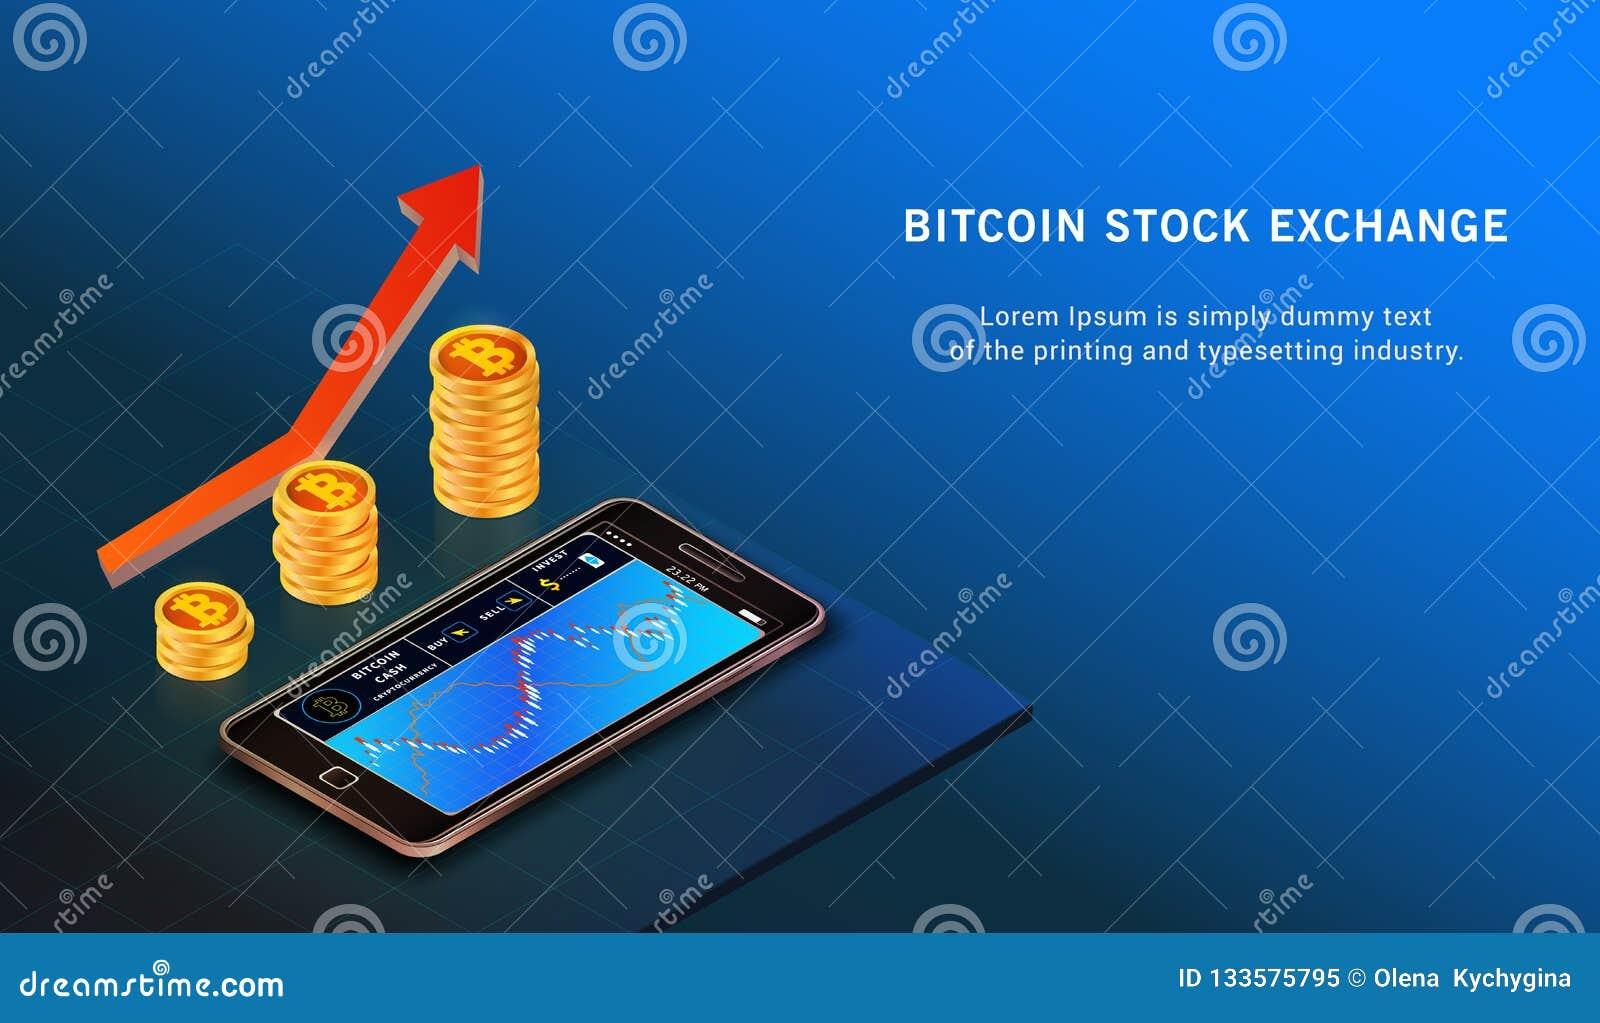 bitcoin e forex trading